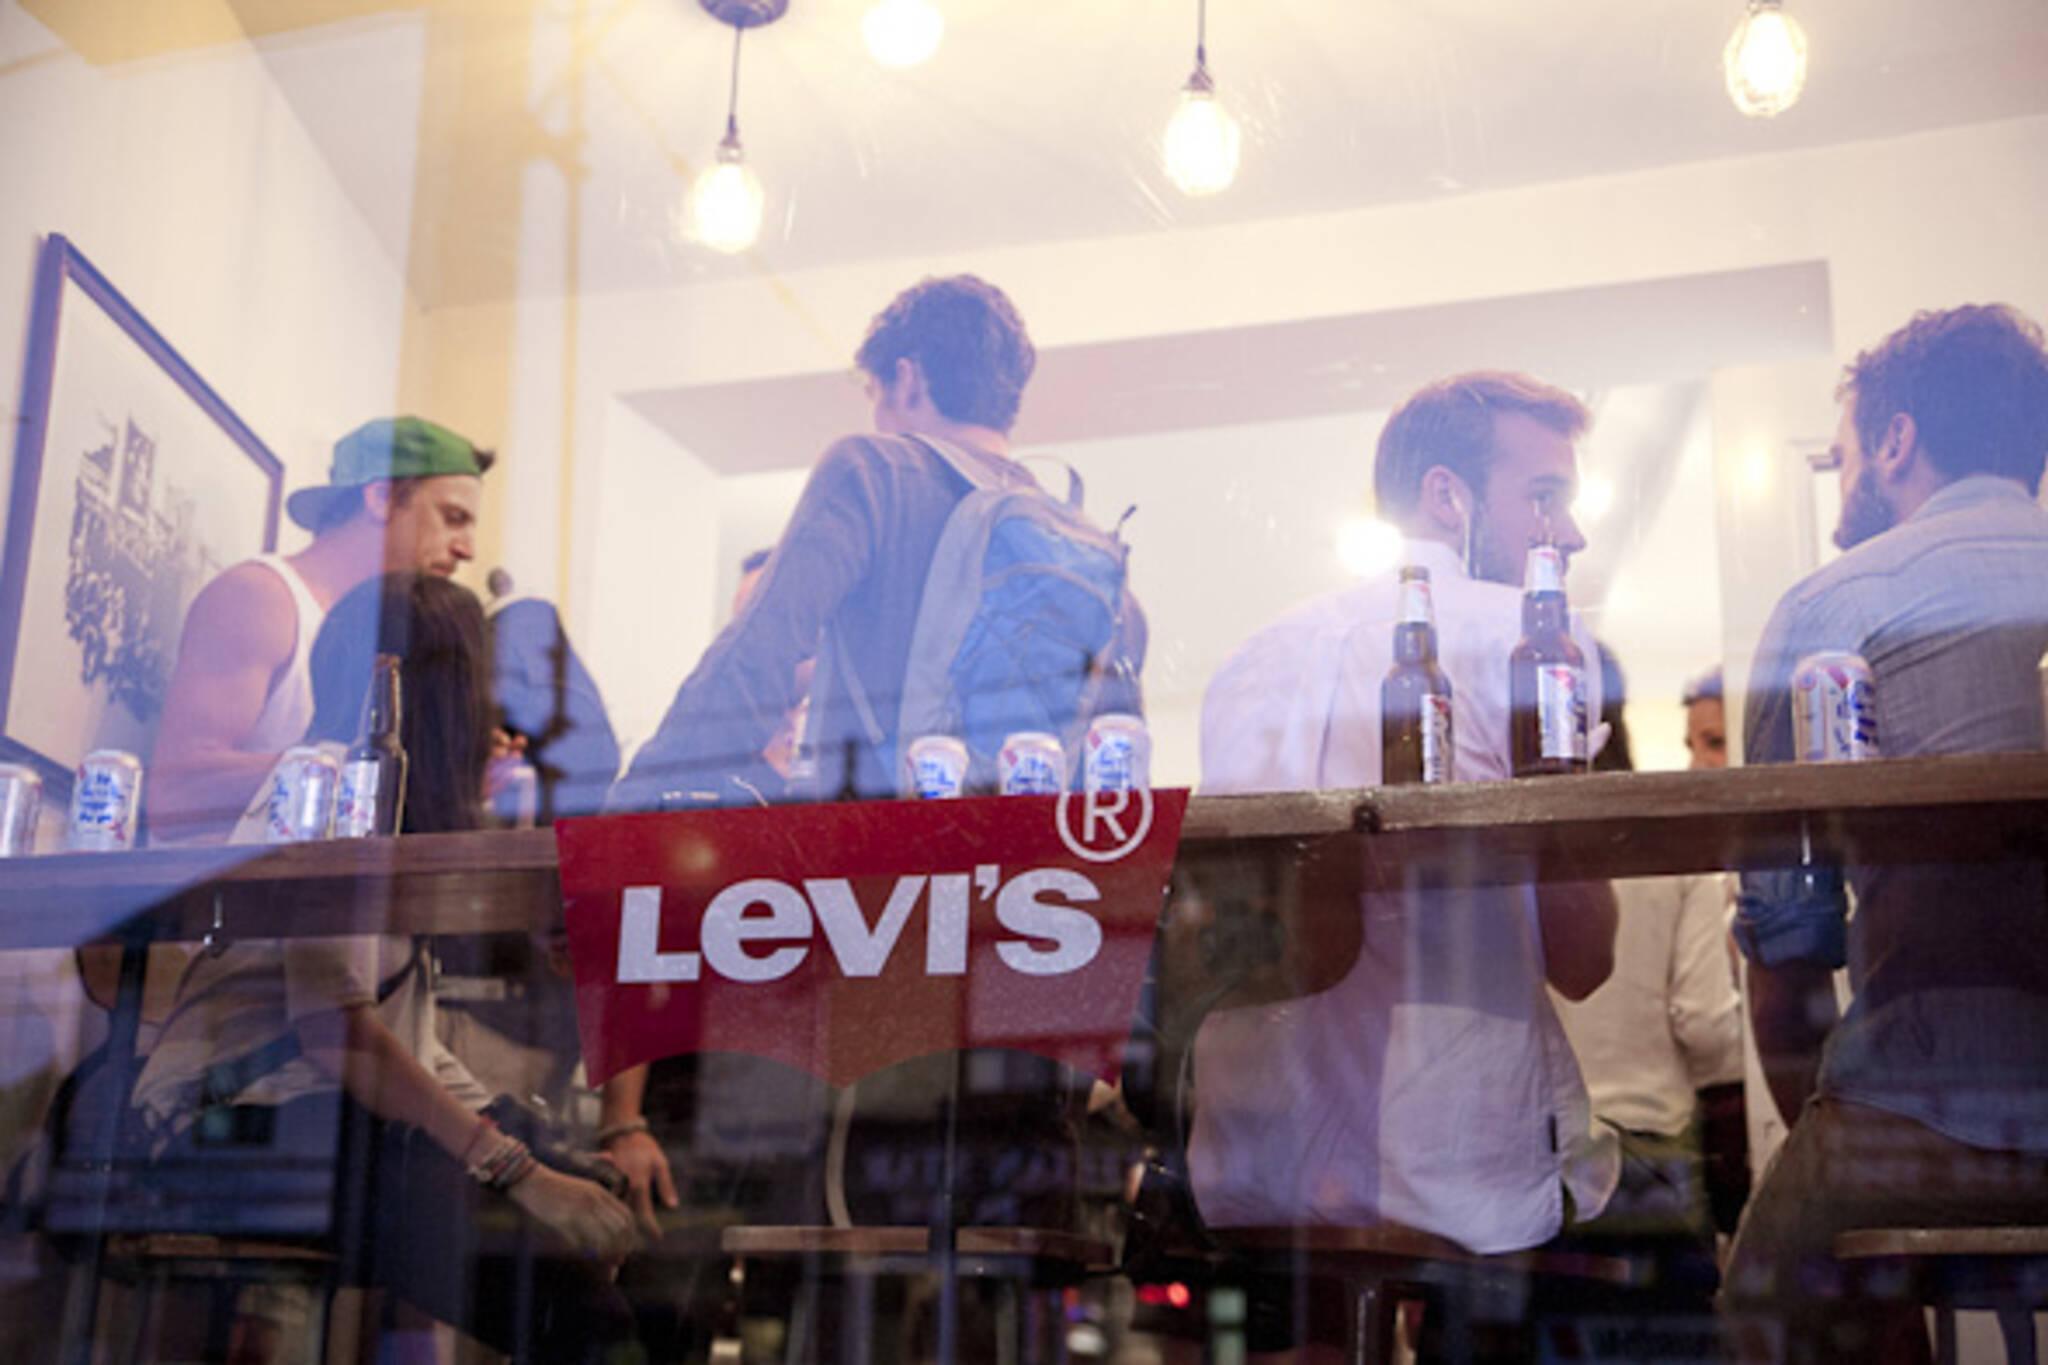 Levis Commuter jeans